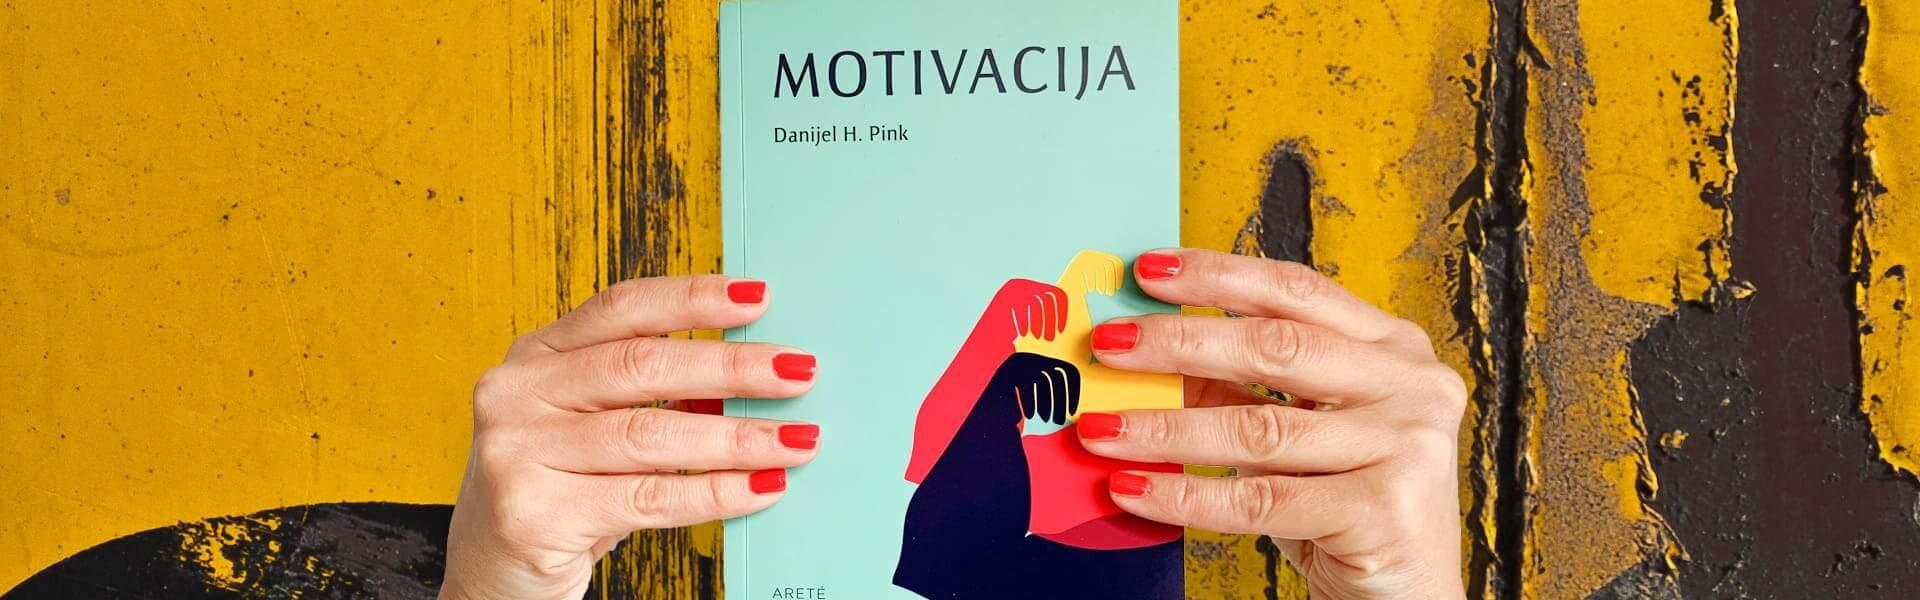 """Danijel H. Pink: """"Motivacija"""""""